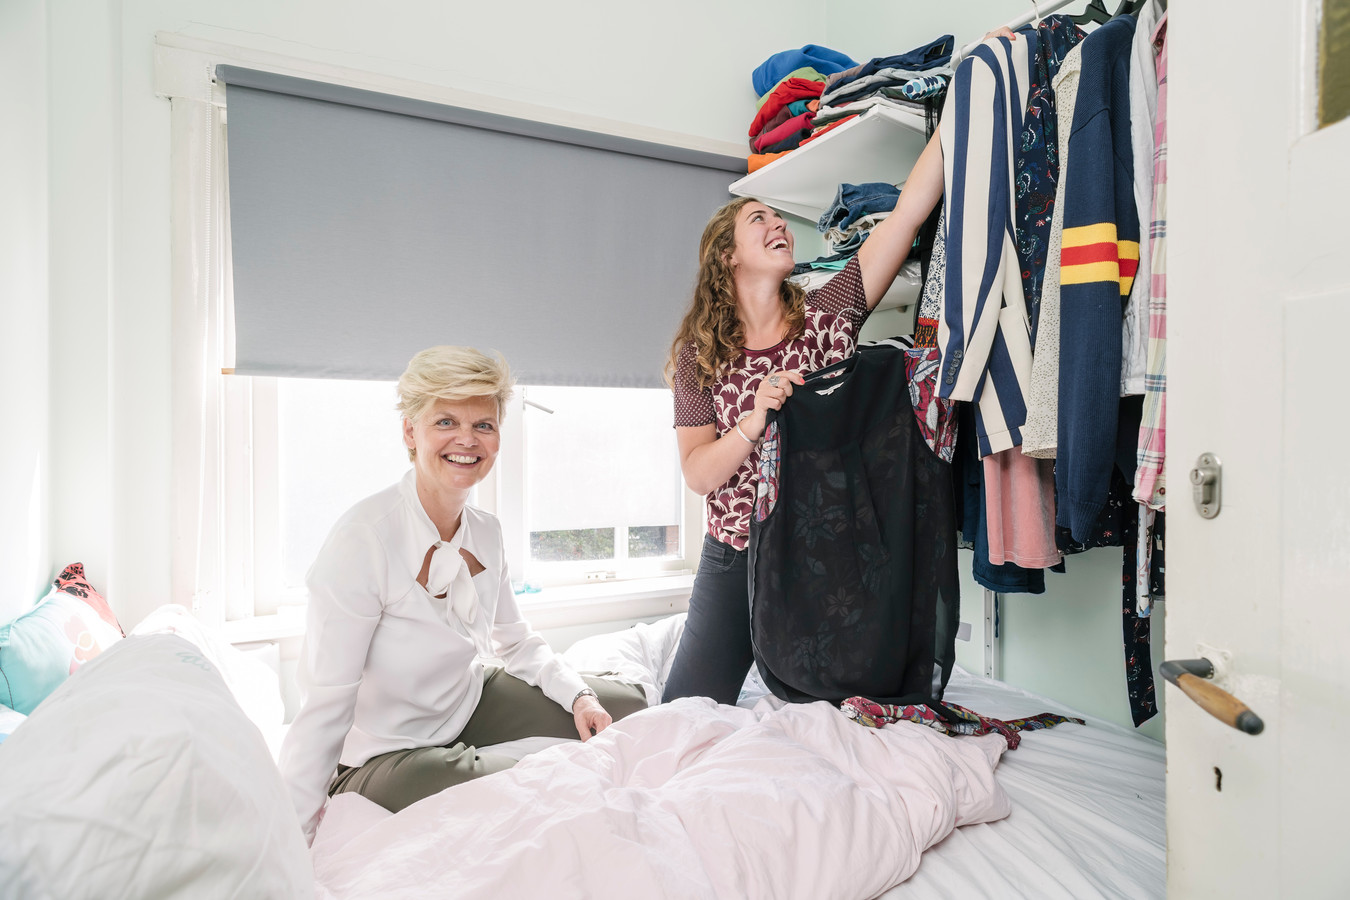 Interieurarchitect Doret Schulkes neemt de studententkamer van Fabienne Derks onder de loep.